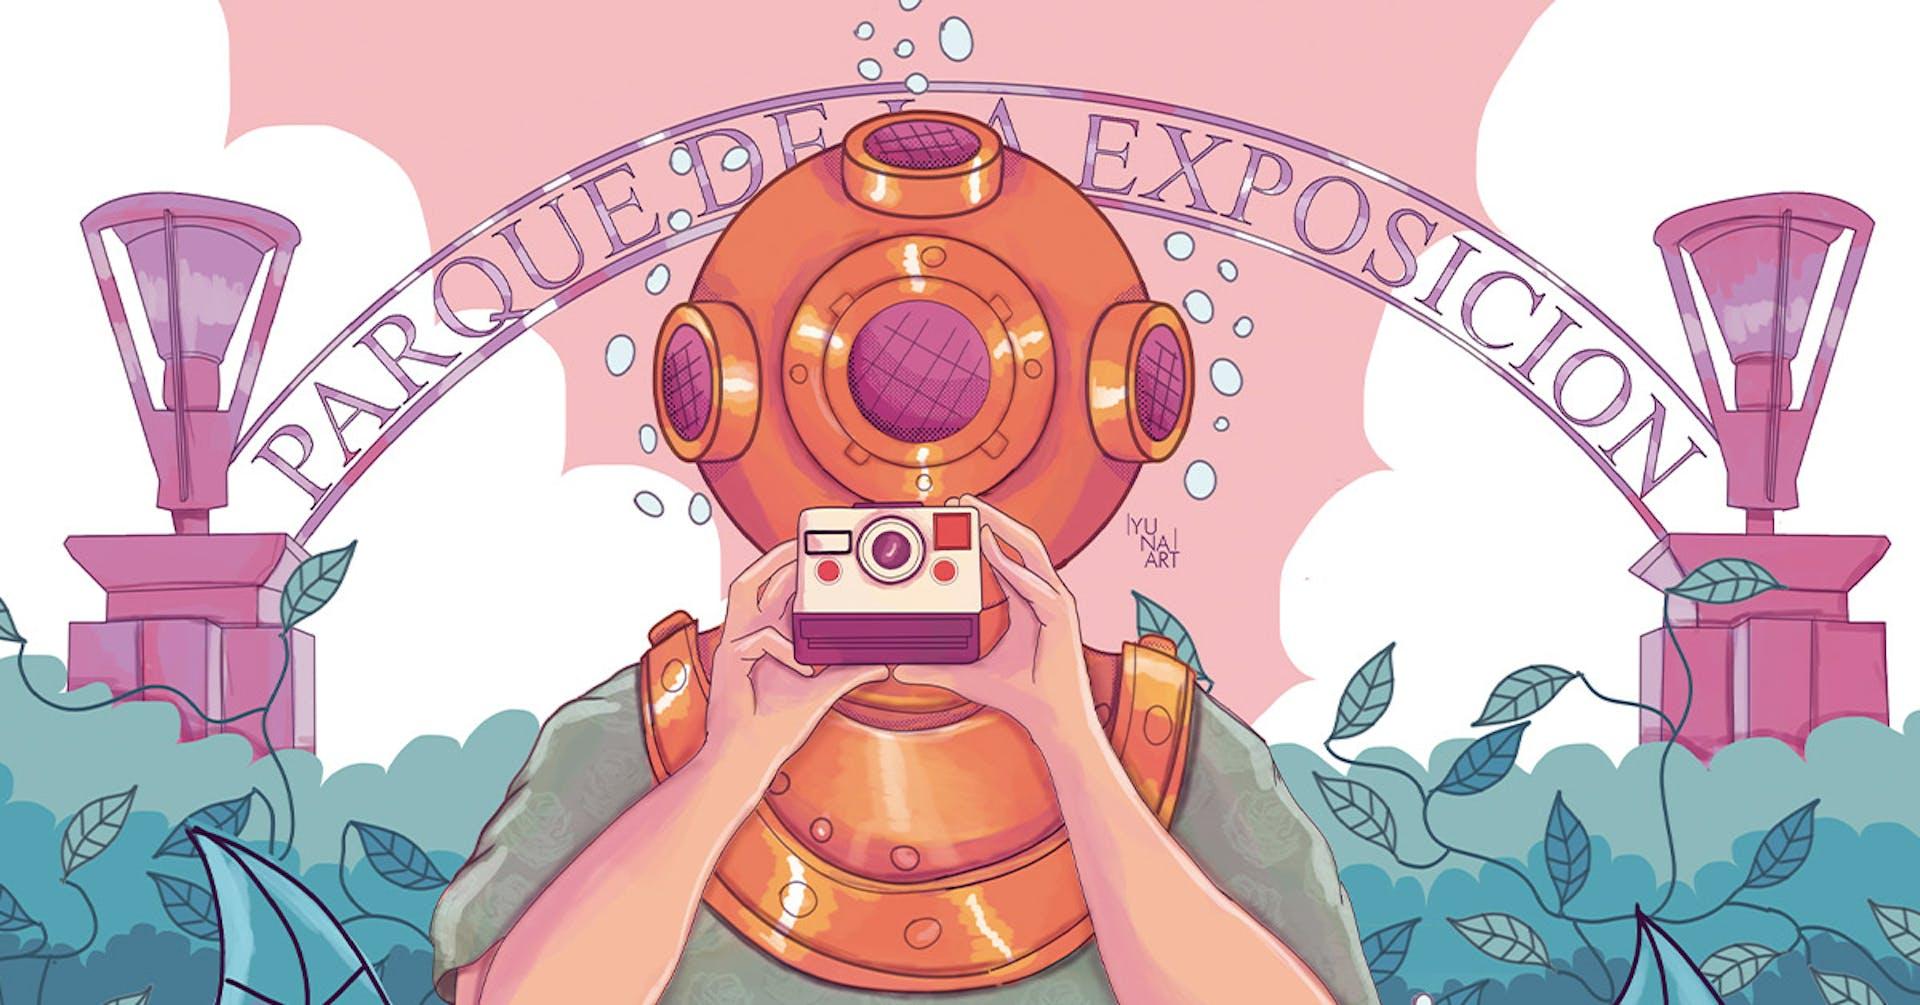 Conoce a Adolfo Reyes, un ilustrador Premium